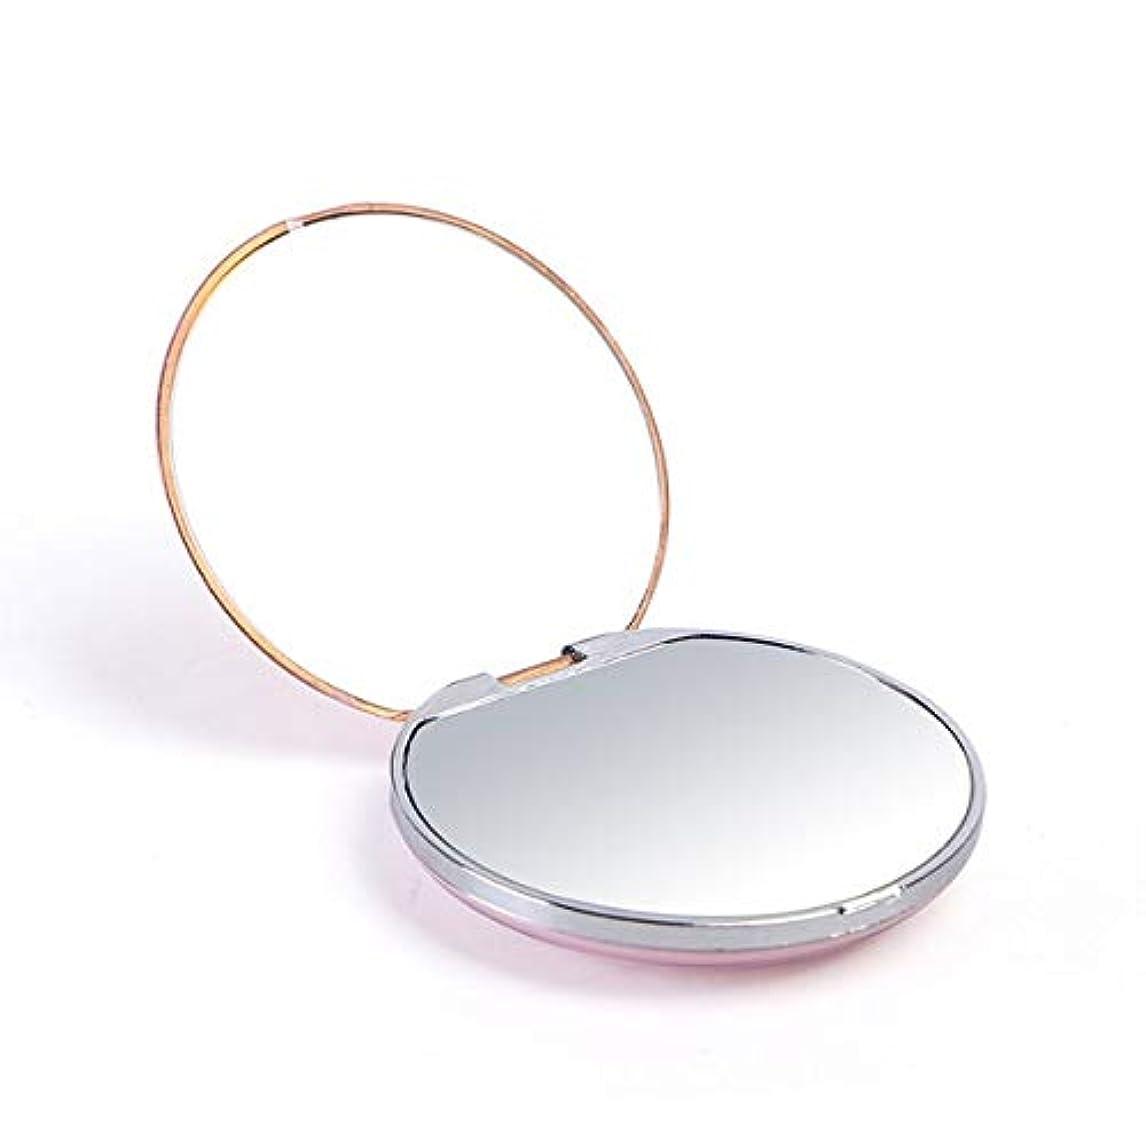 化粧鏡、亜鉛合金テクスチャアップグレード化粧鏡化粧鏡化粧ギフト